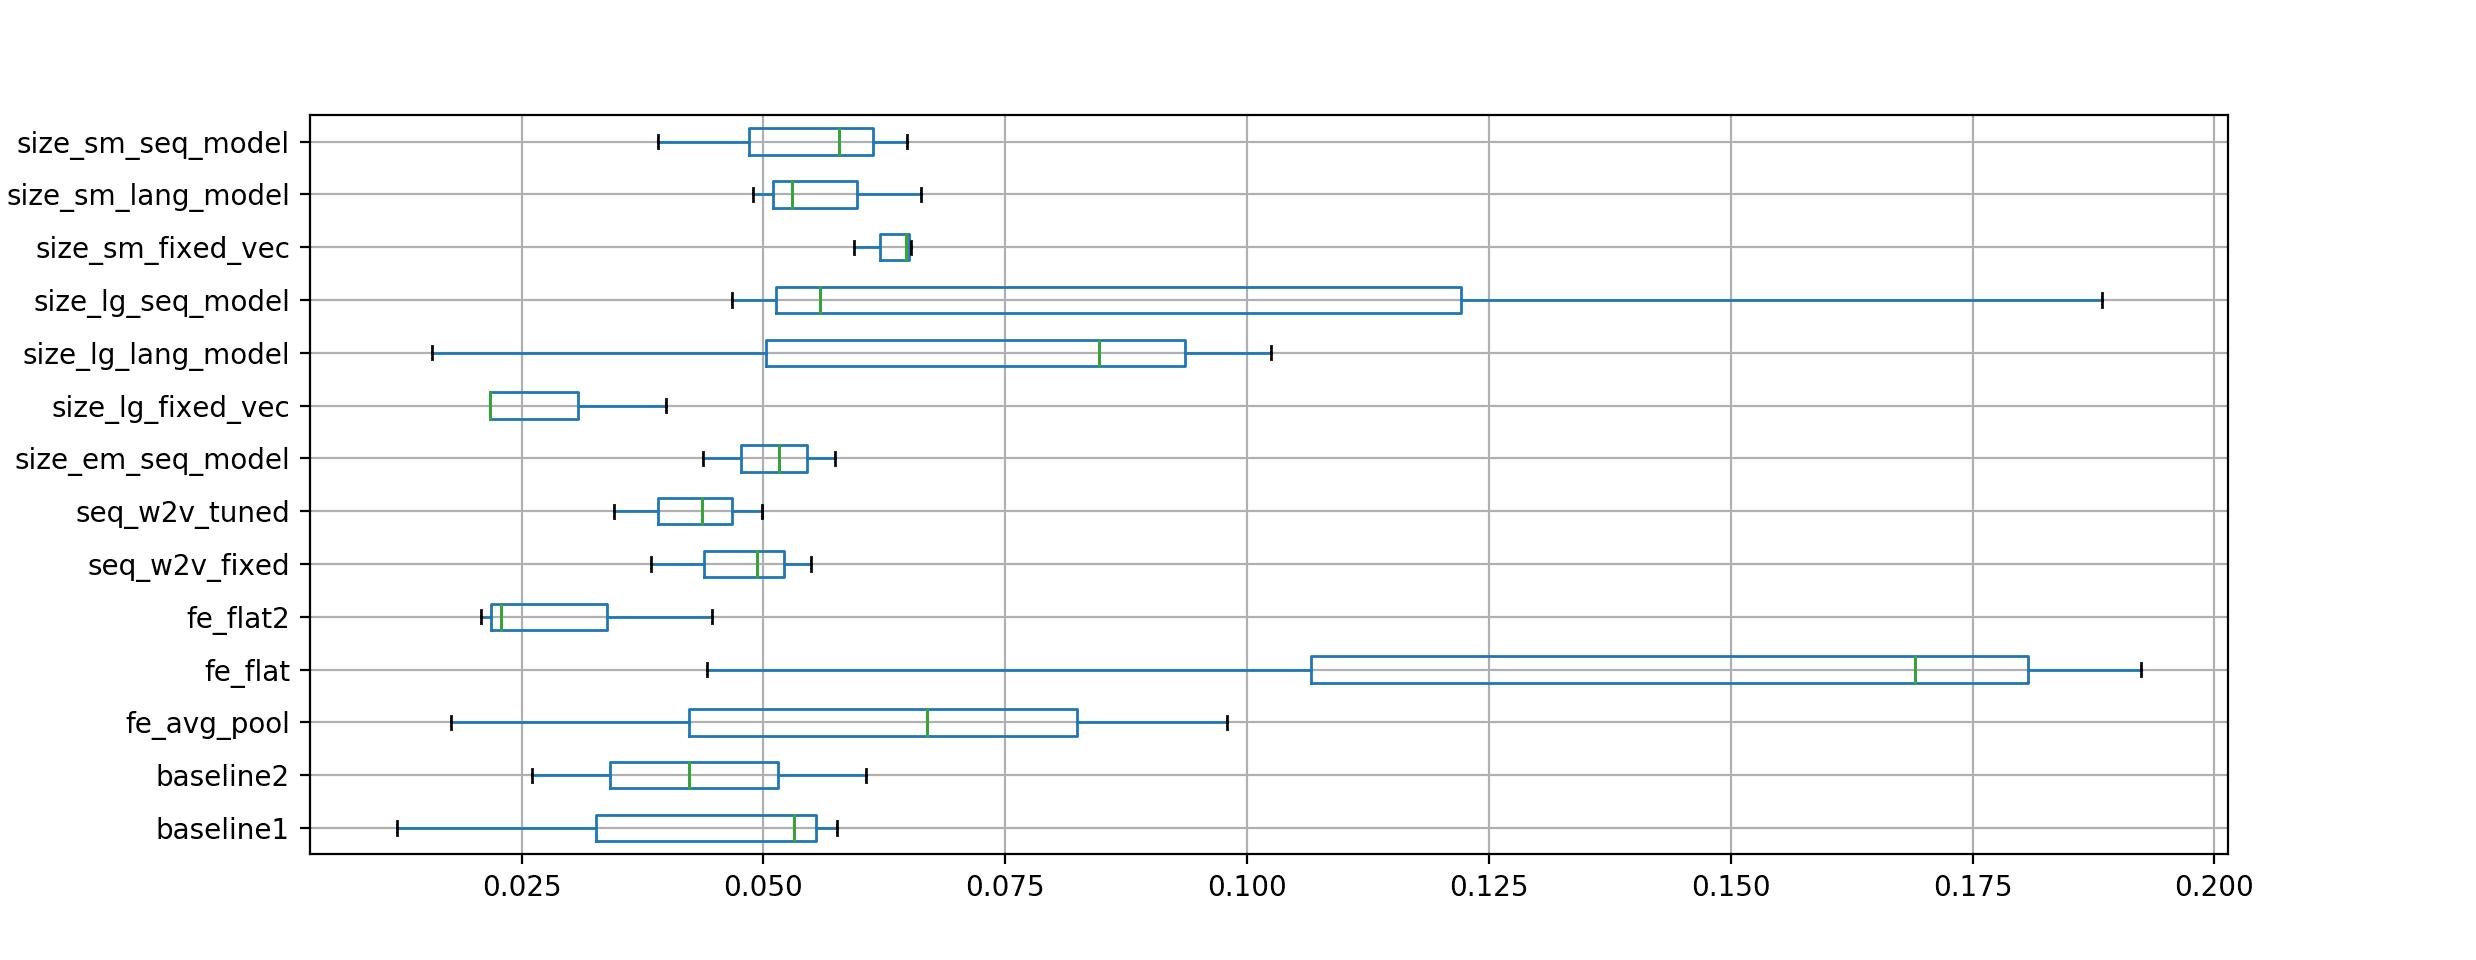 Box and Whisker Plot of Experiment vs Model Skill on the Test Dataset